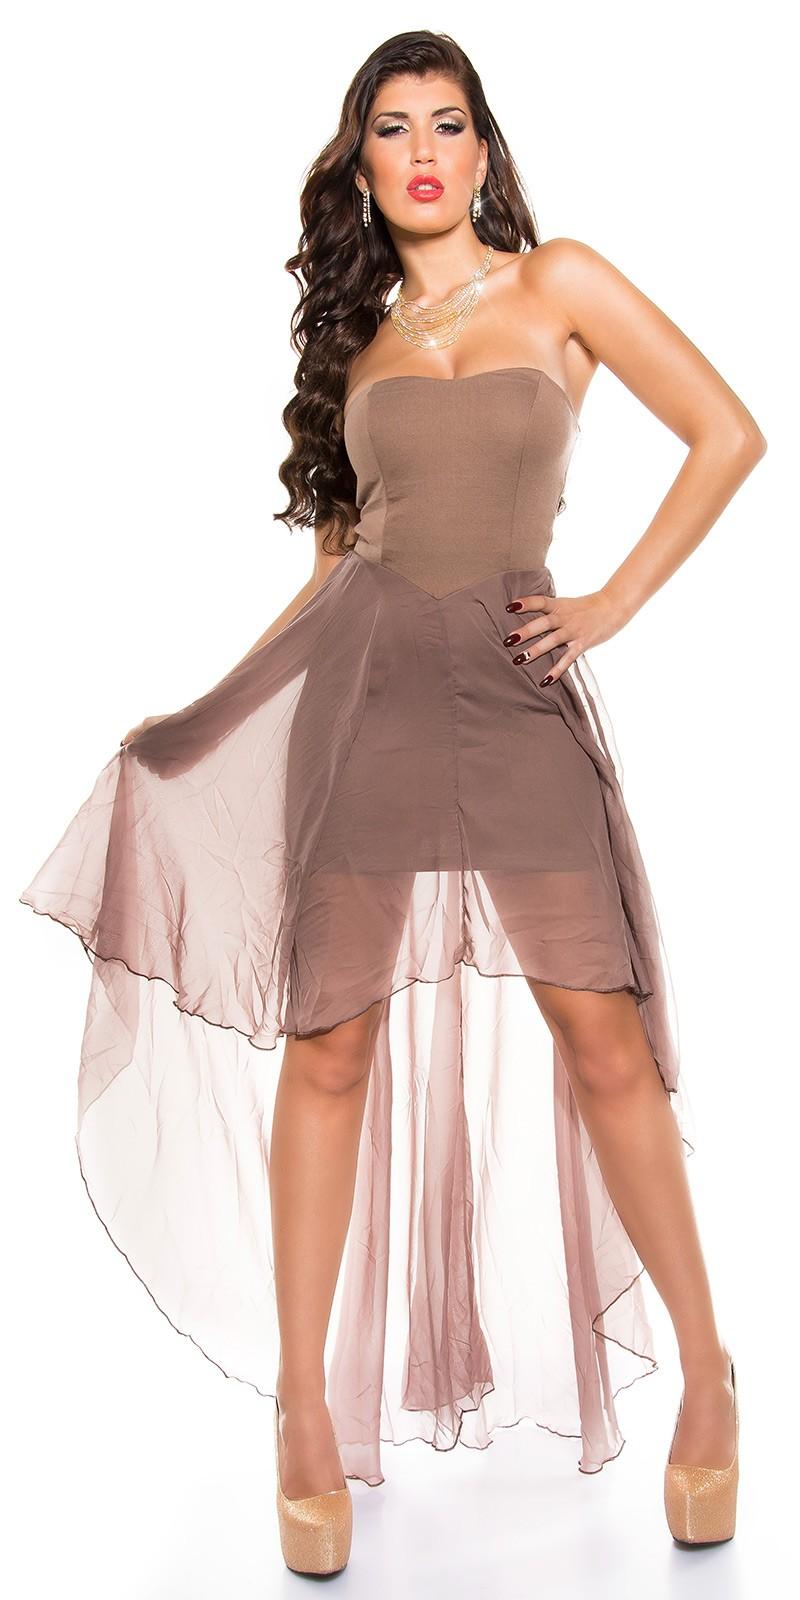 Muszlin szoknyás elöl rövid hátul hosszú női alkalmi ruha - capuccino (S M caee031147